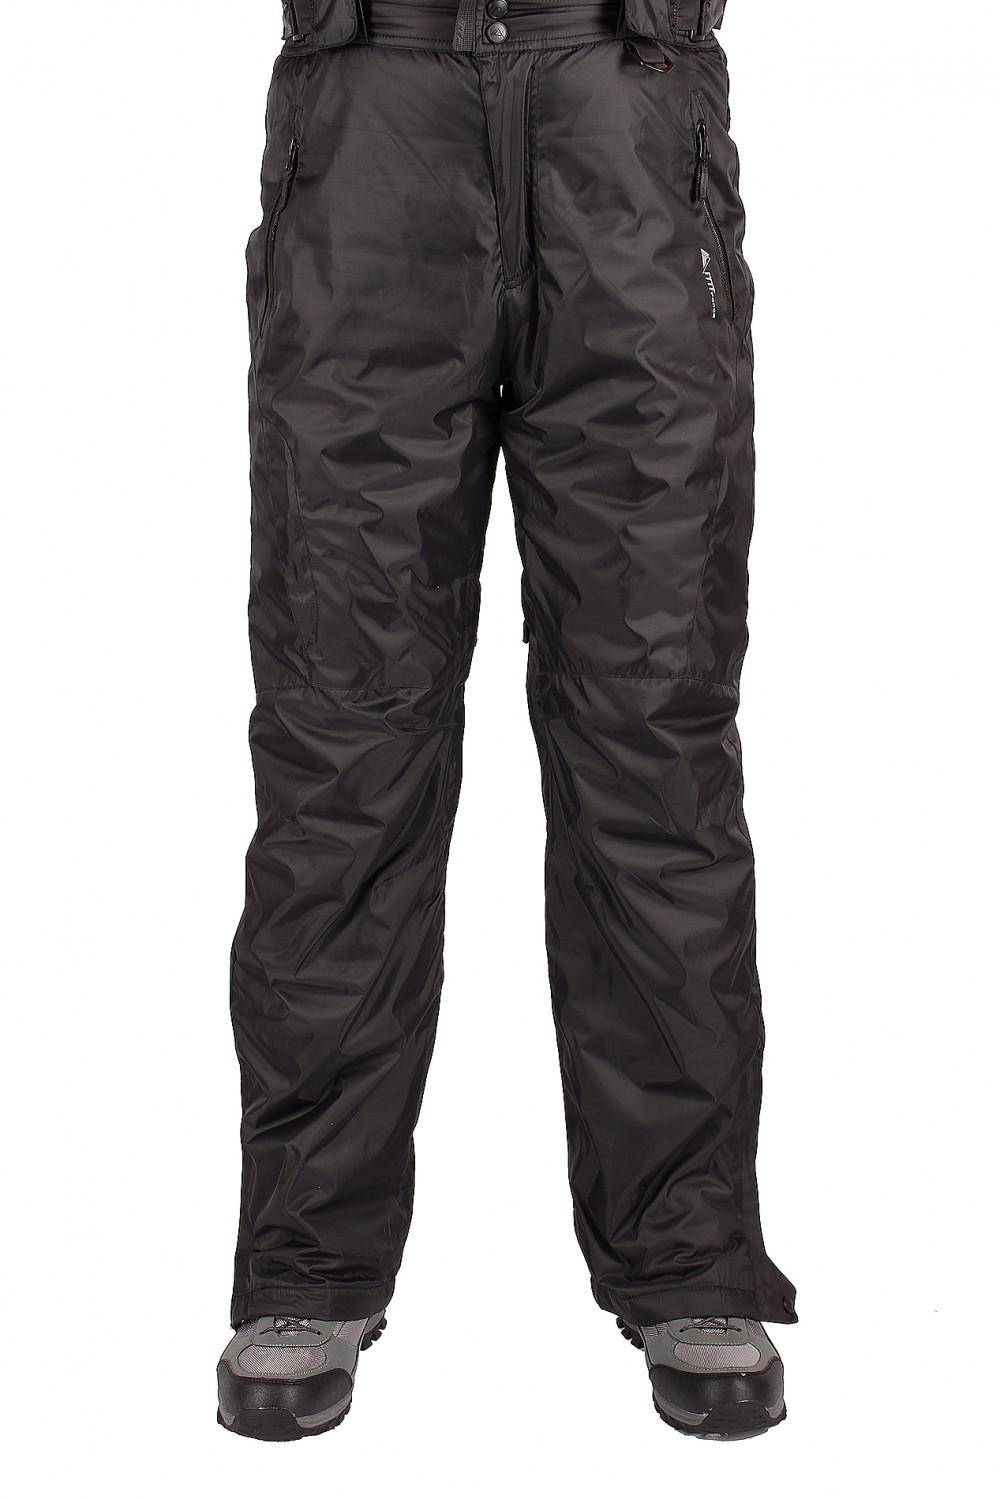 Купить оптом Брюки горнолыжные мужские черного цвета 402Ch